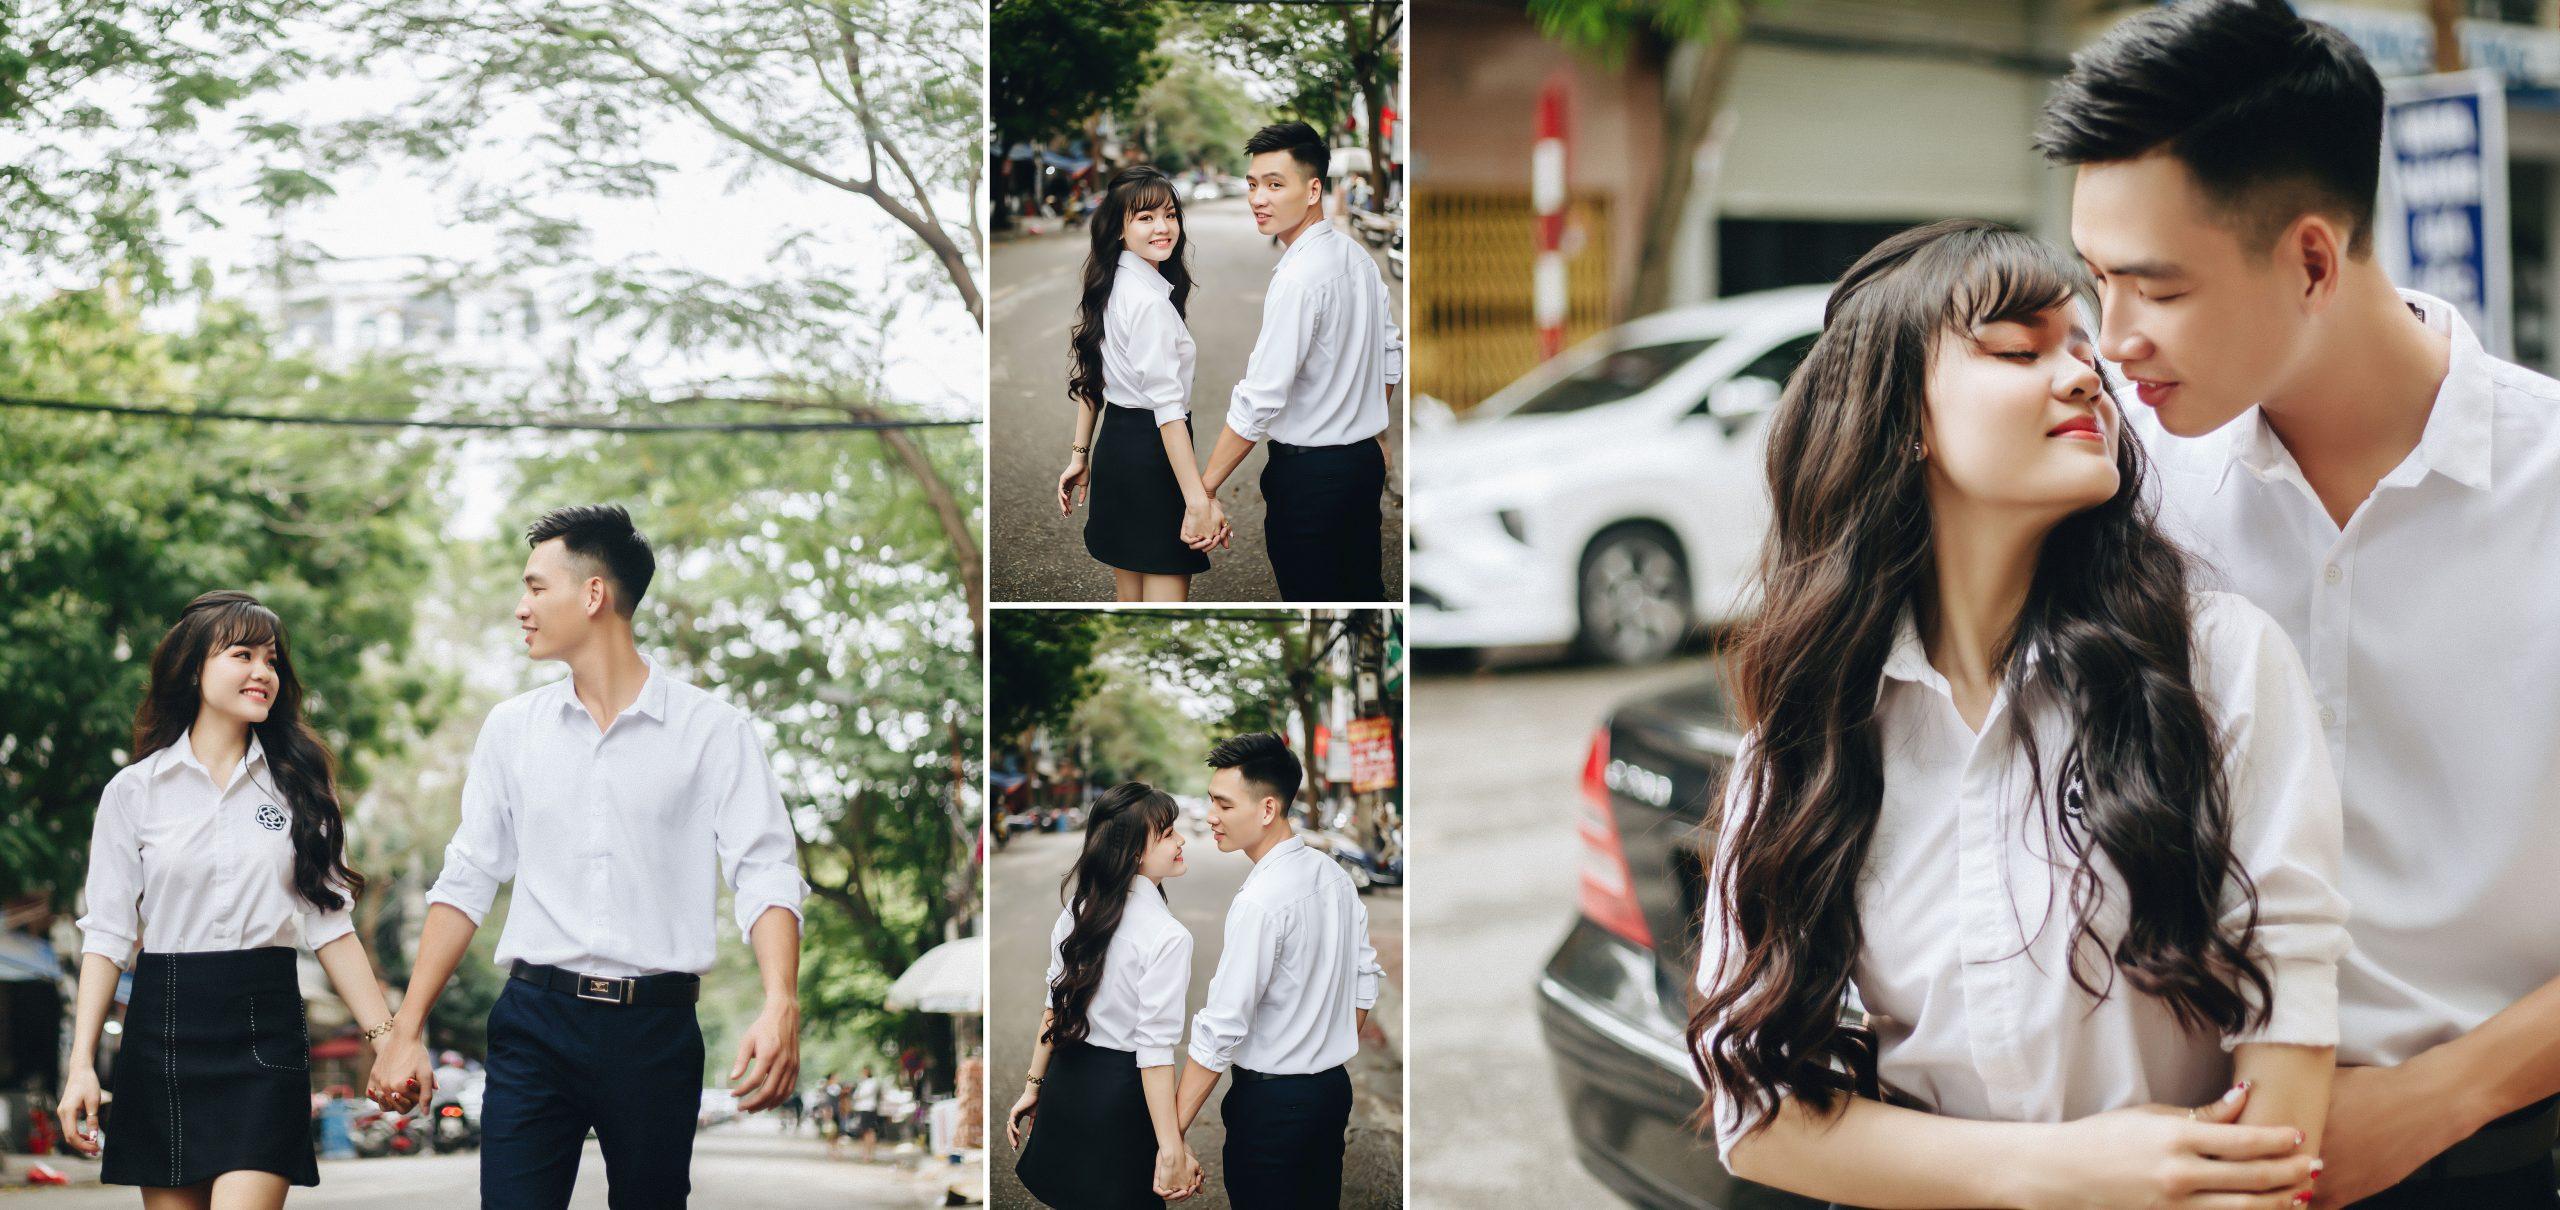 Chụp ảnh cưới đường phố: Xu hướng chụp ảnh cưới hợp thời, cá tính